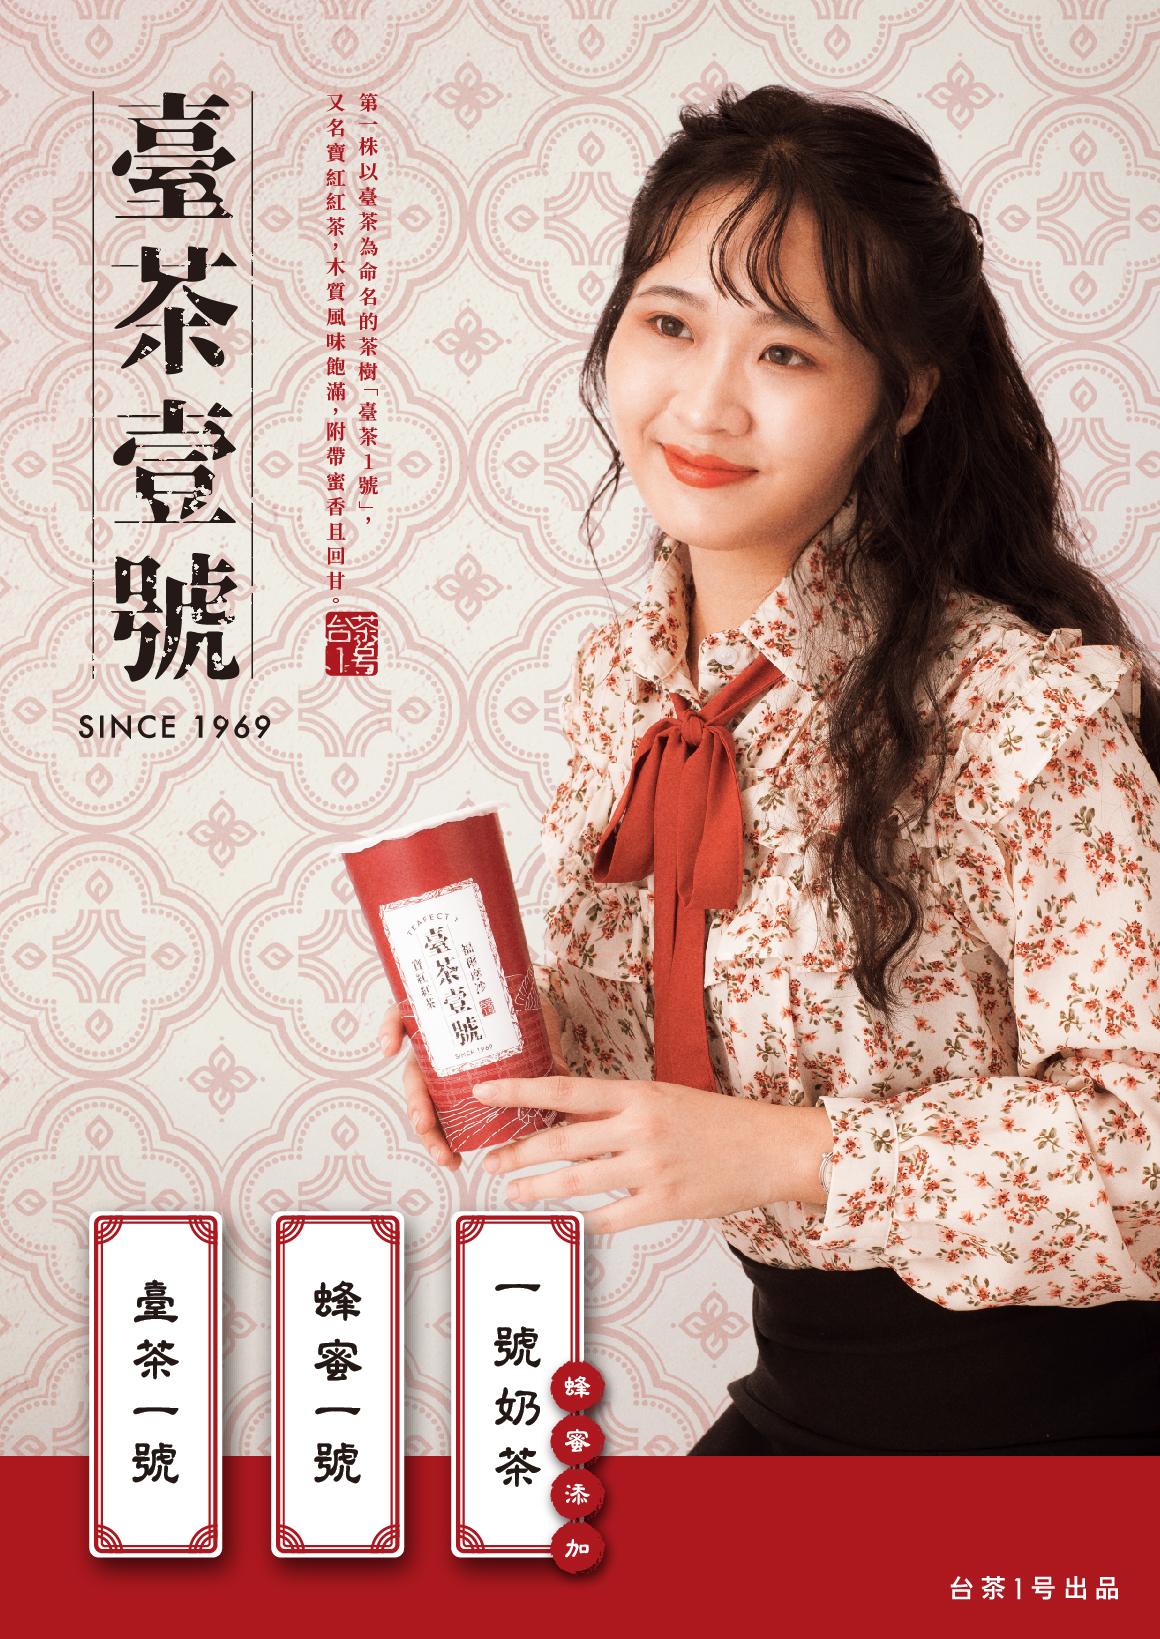 臺茶一號-官網愛貝斯-2